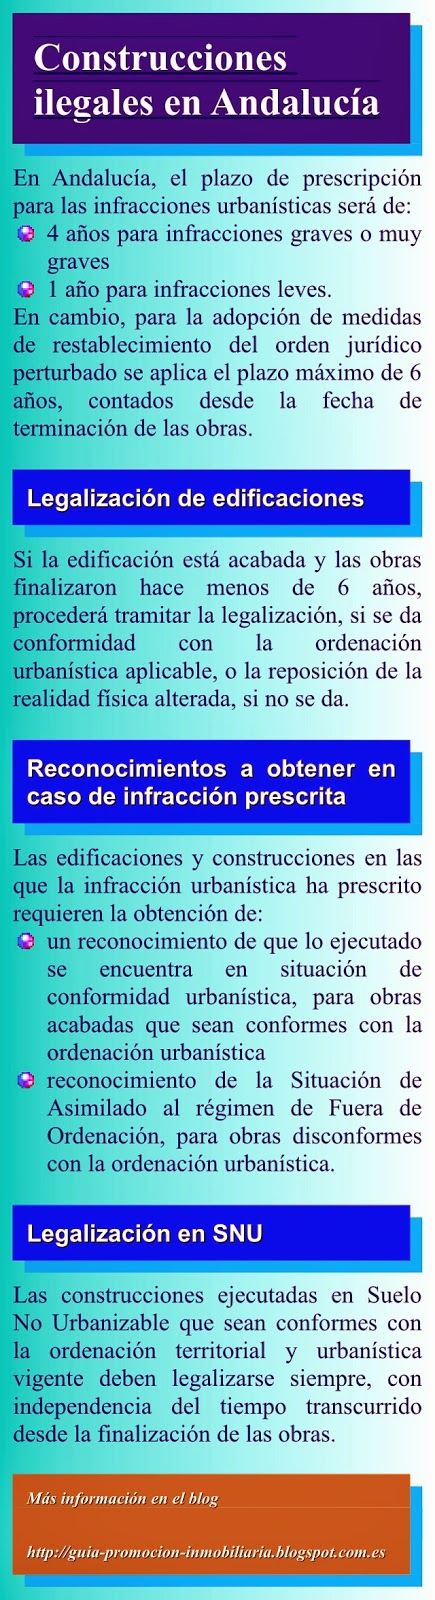 Regulación de construcciones ilegales en Andalucía